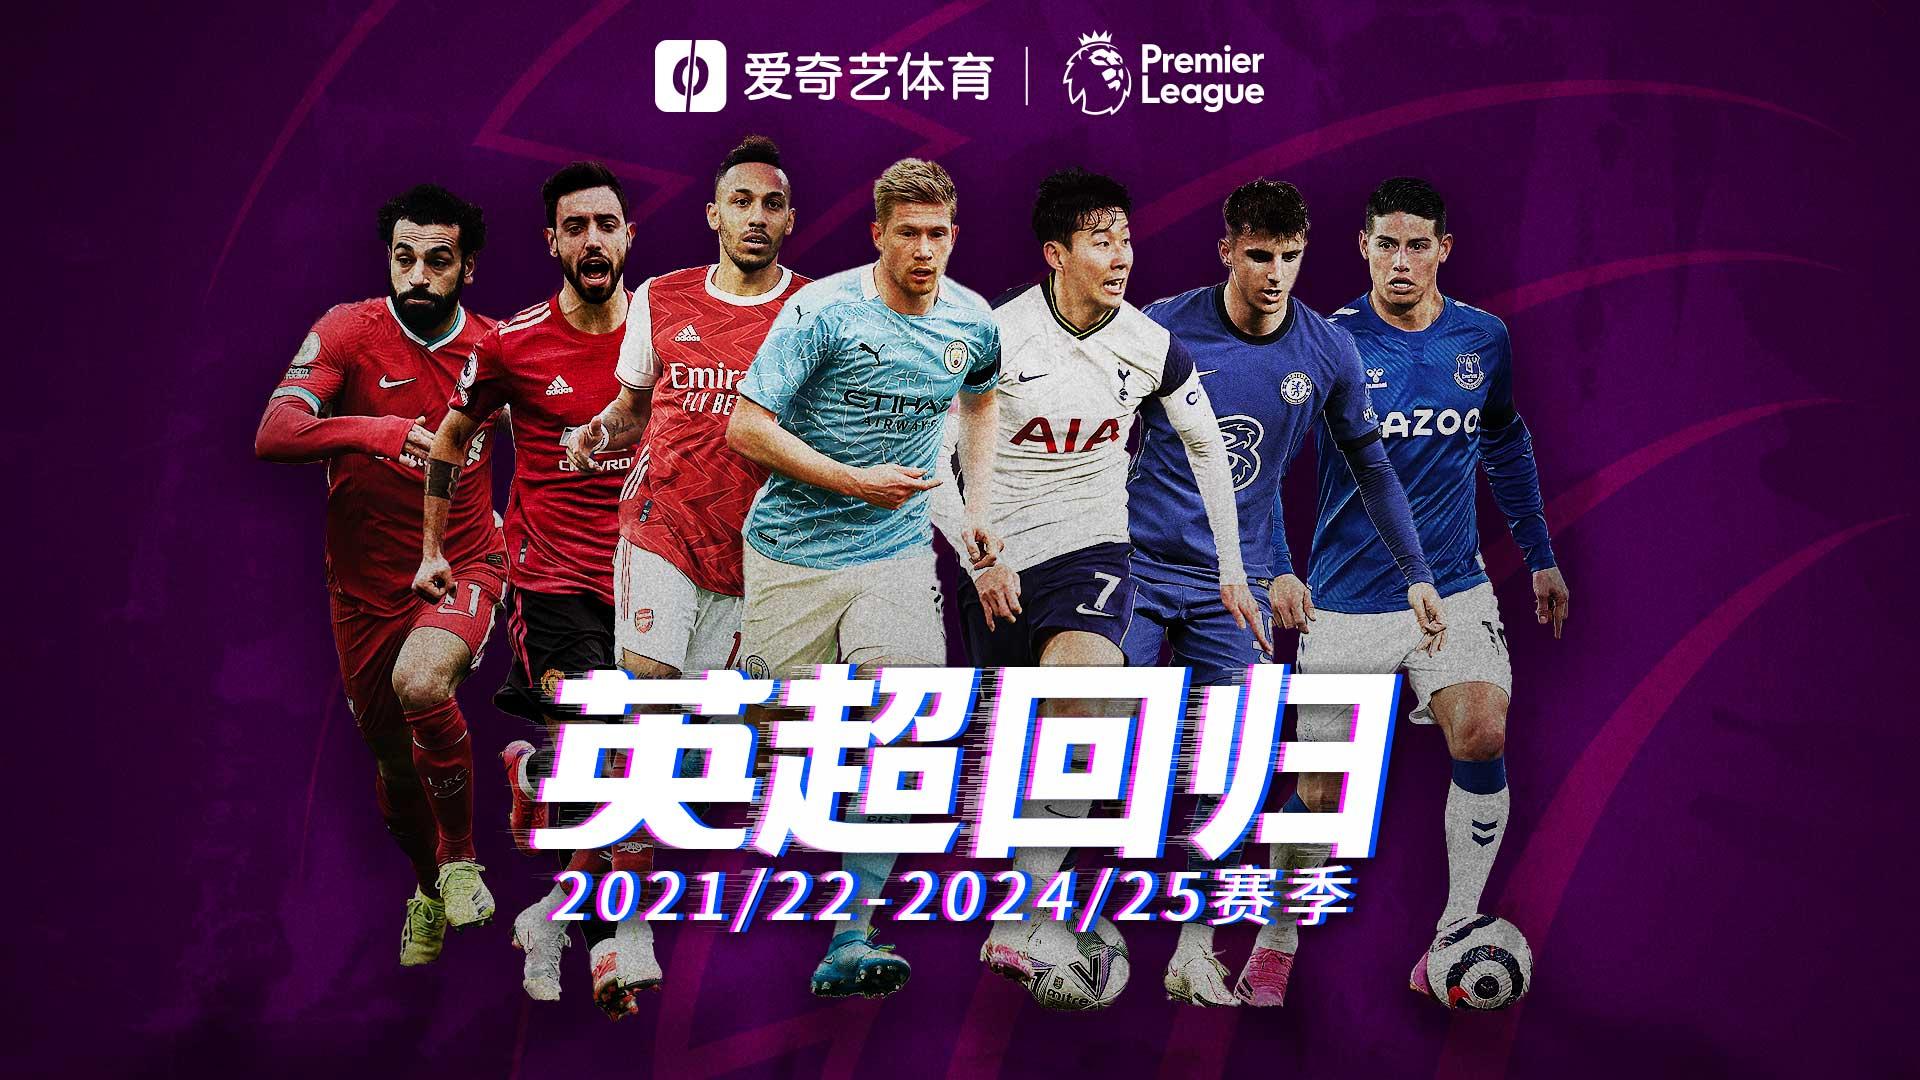 英超回归!爱奇艺体育成为2021-25赛季英超独家新媒体转播平台